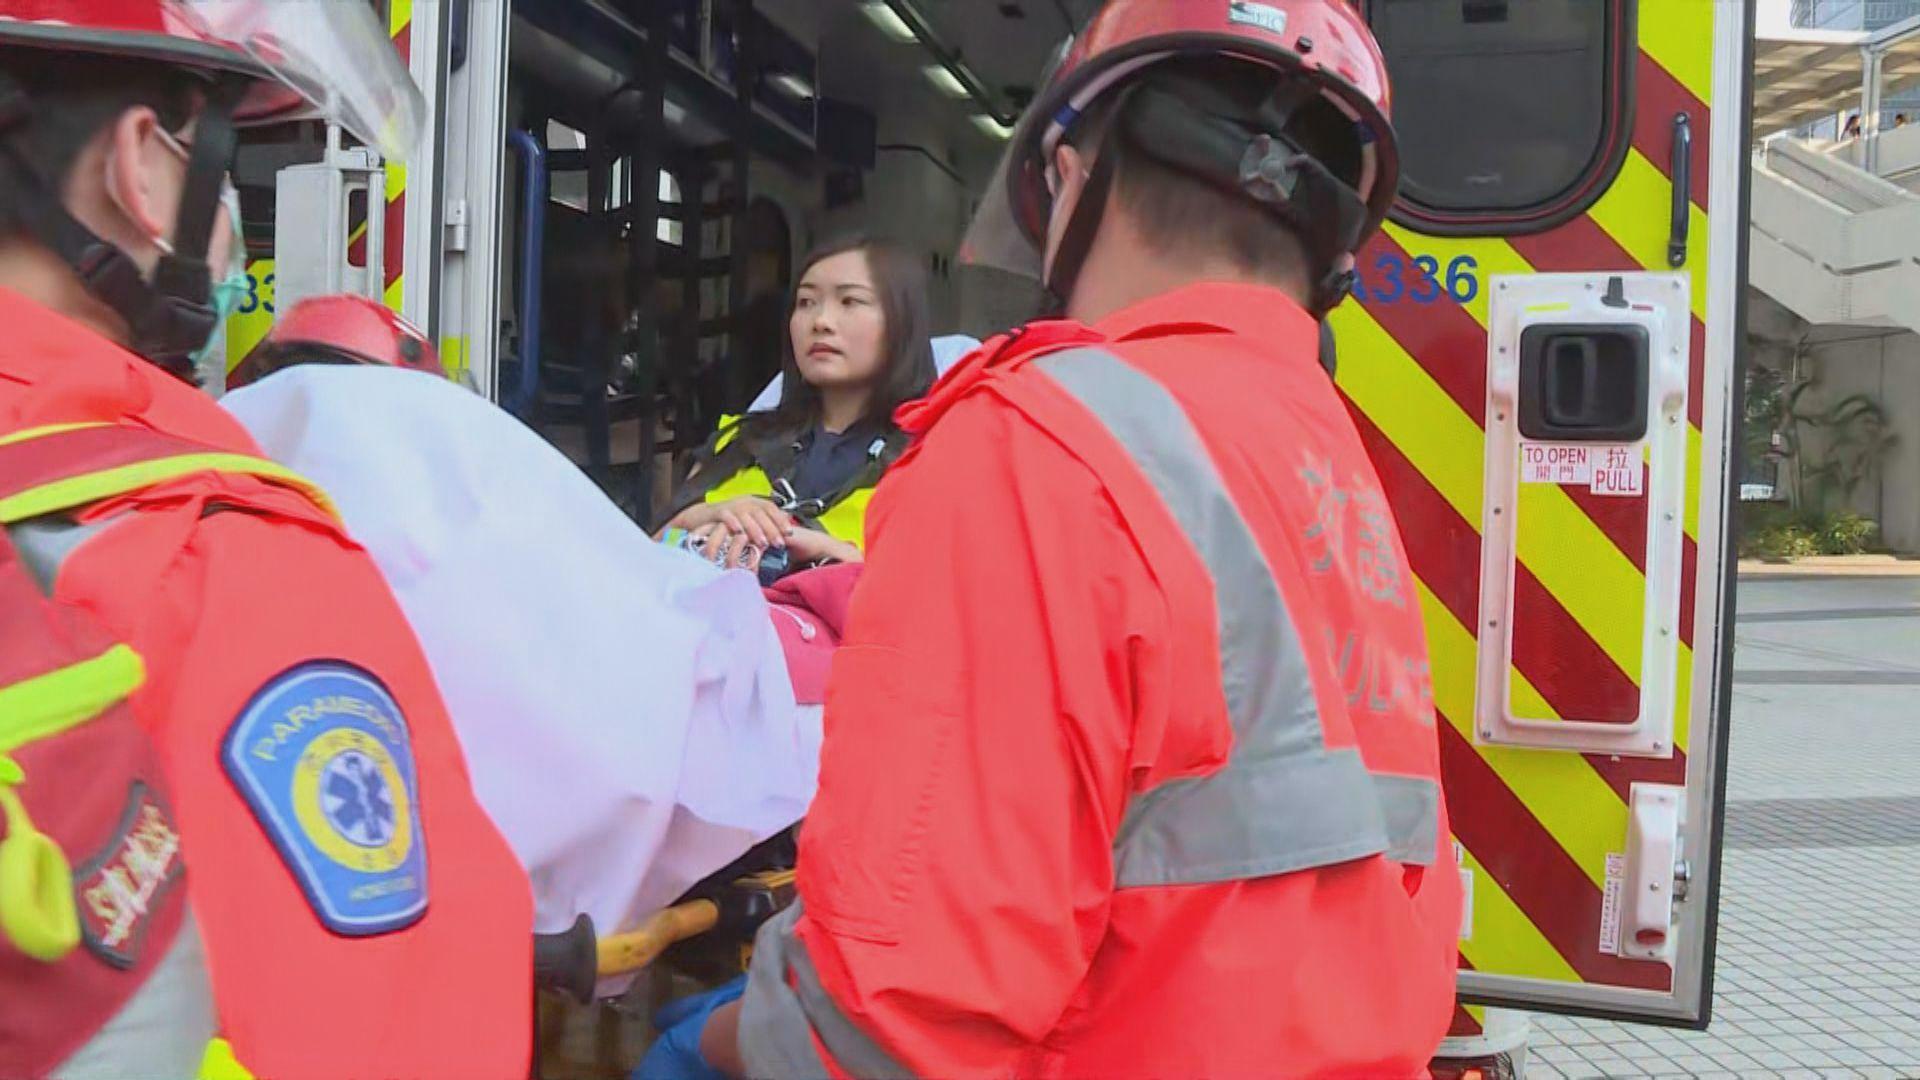 本台記者被催淚彈擊中左手臂需送院治療